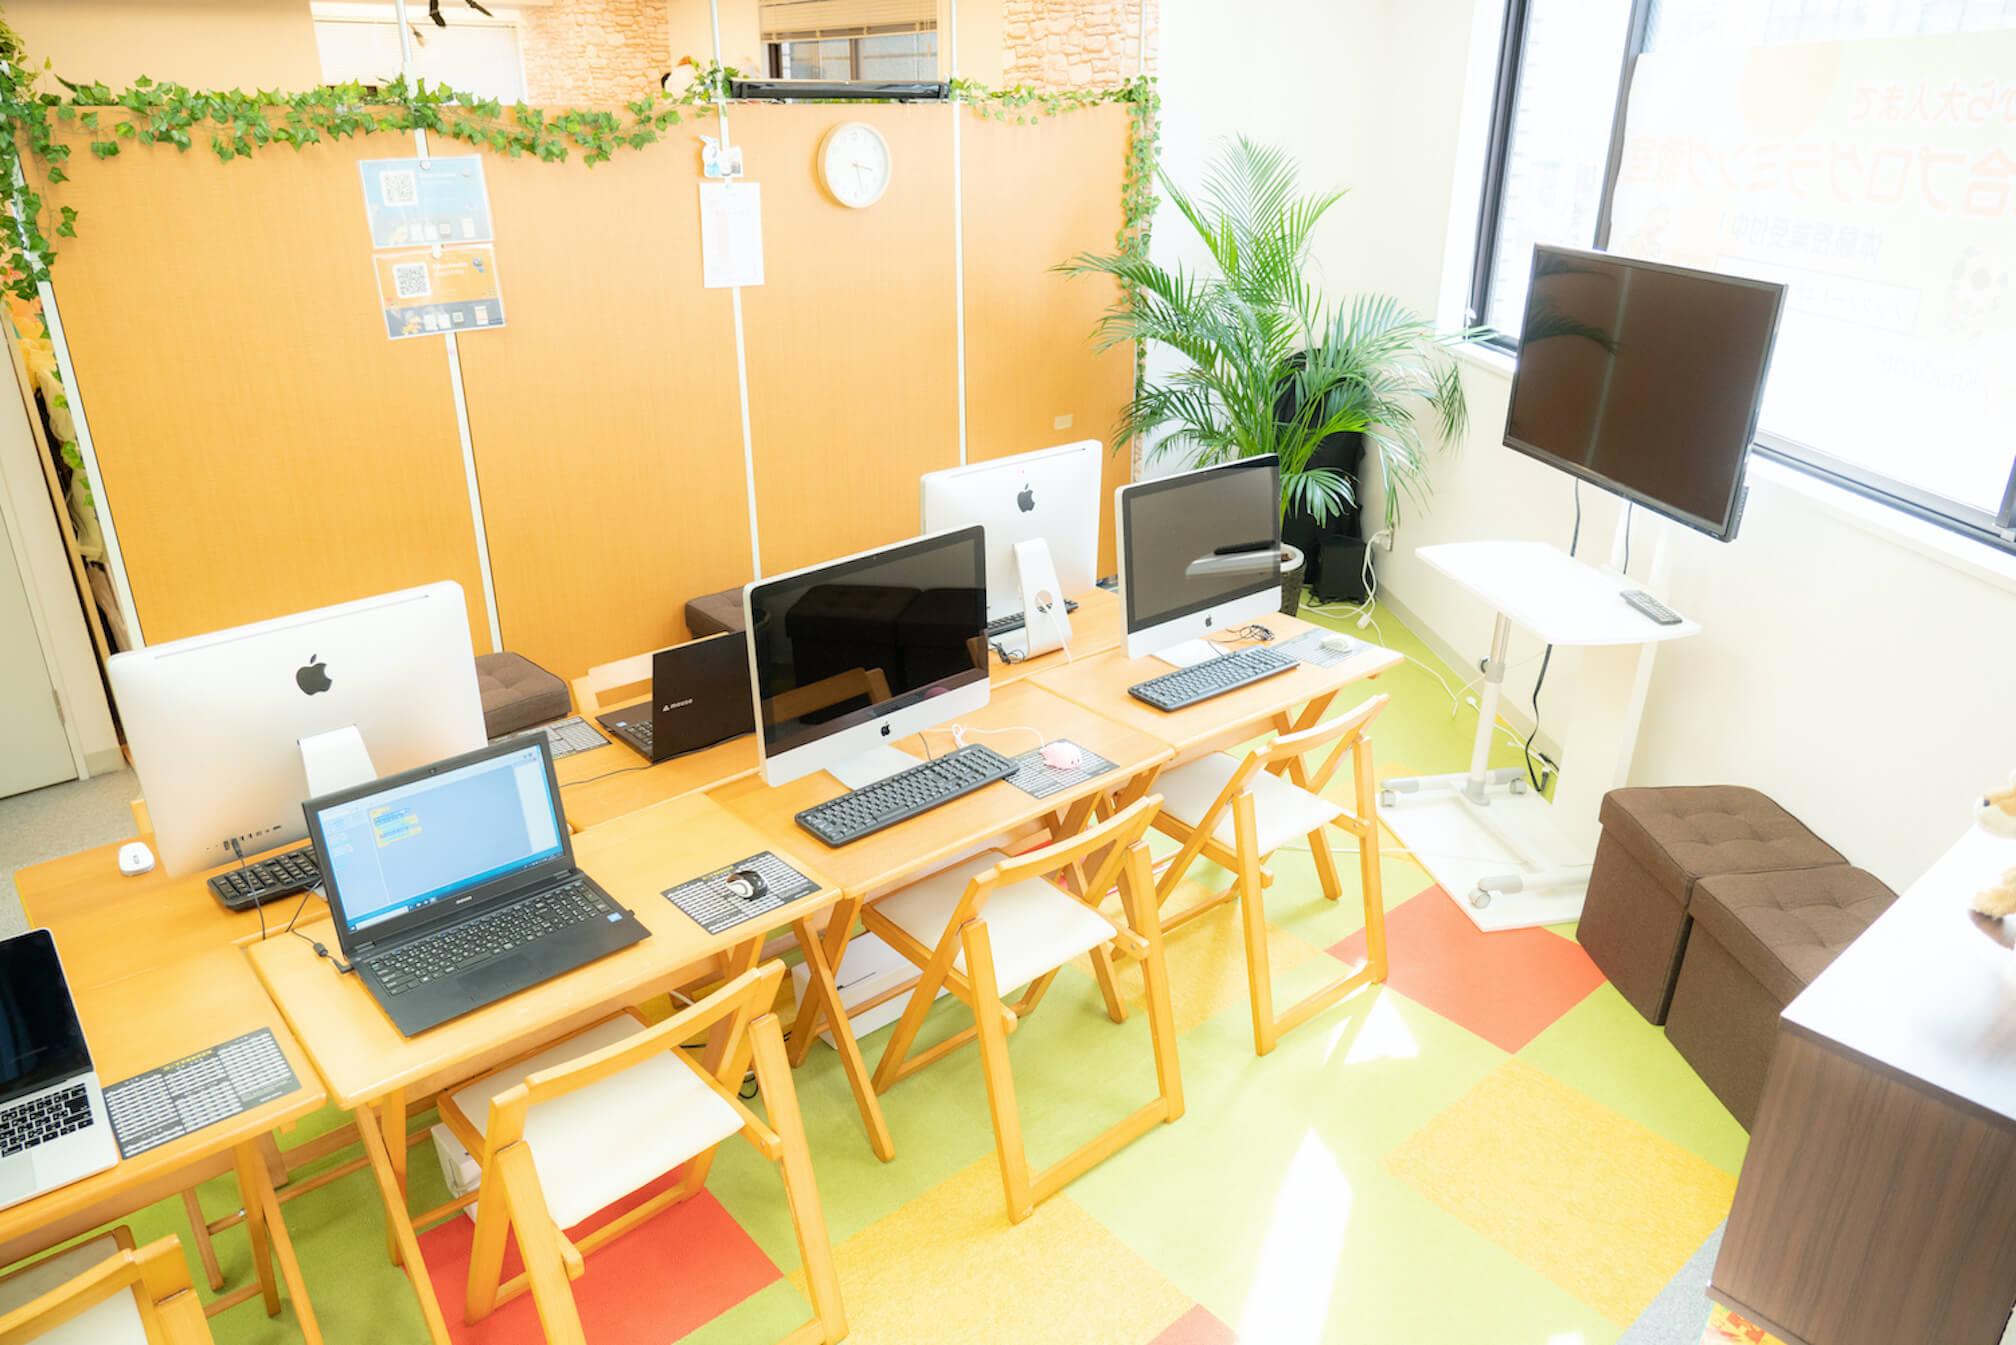 TETRA UPのプログラミング教室の写真